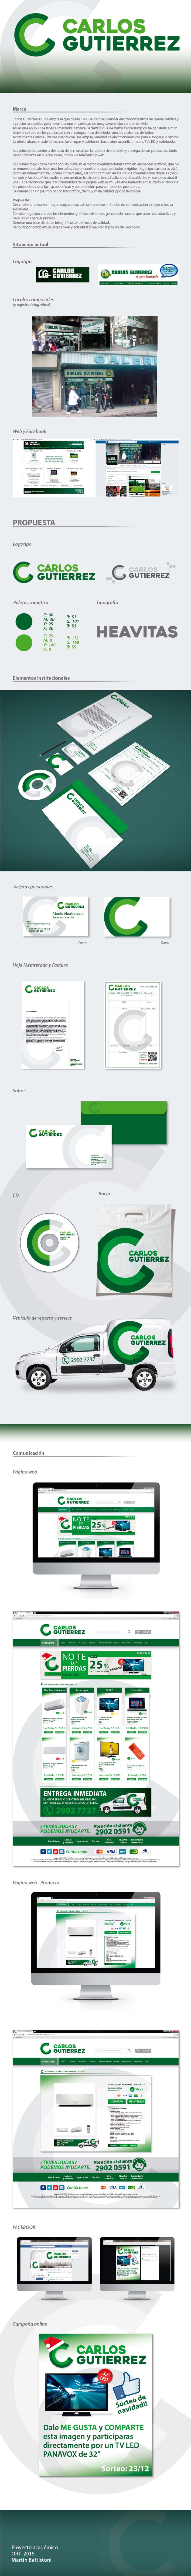 Carlos Gutierrez -1